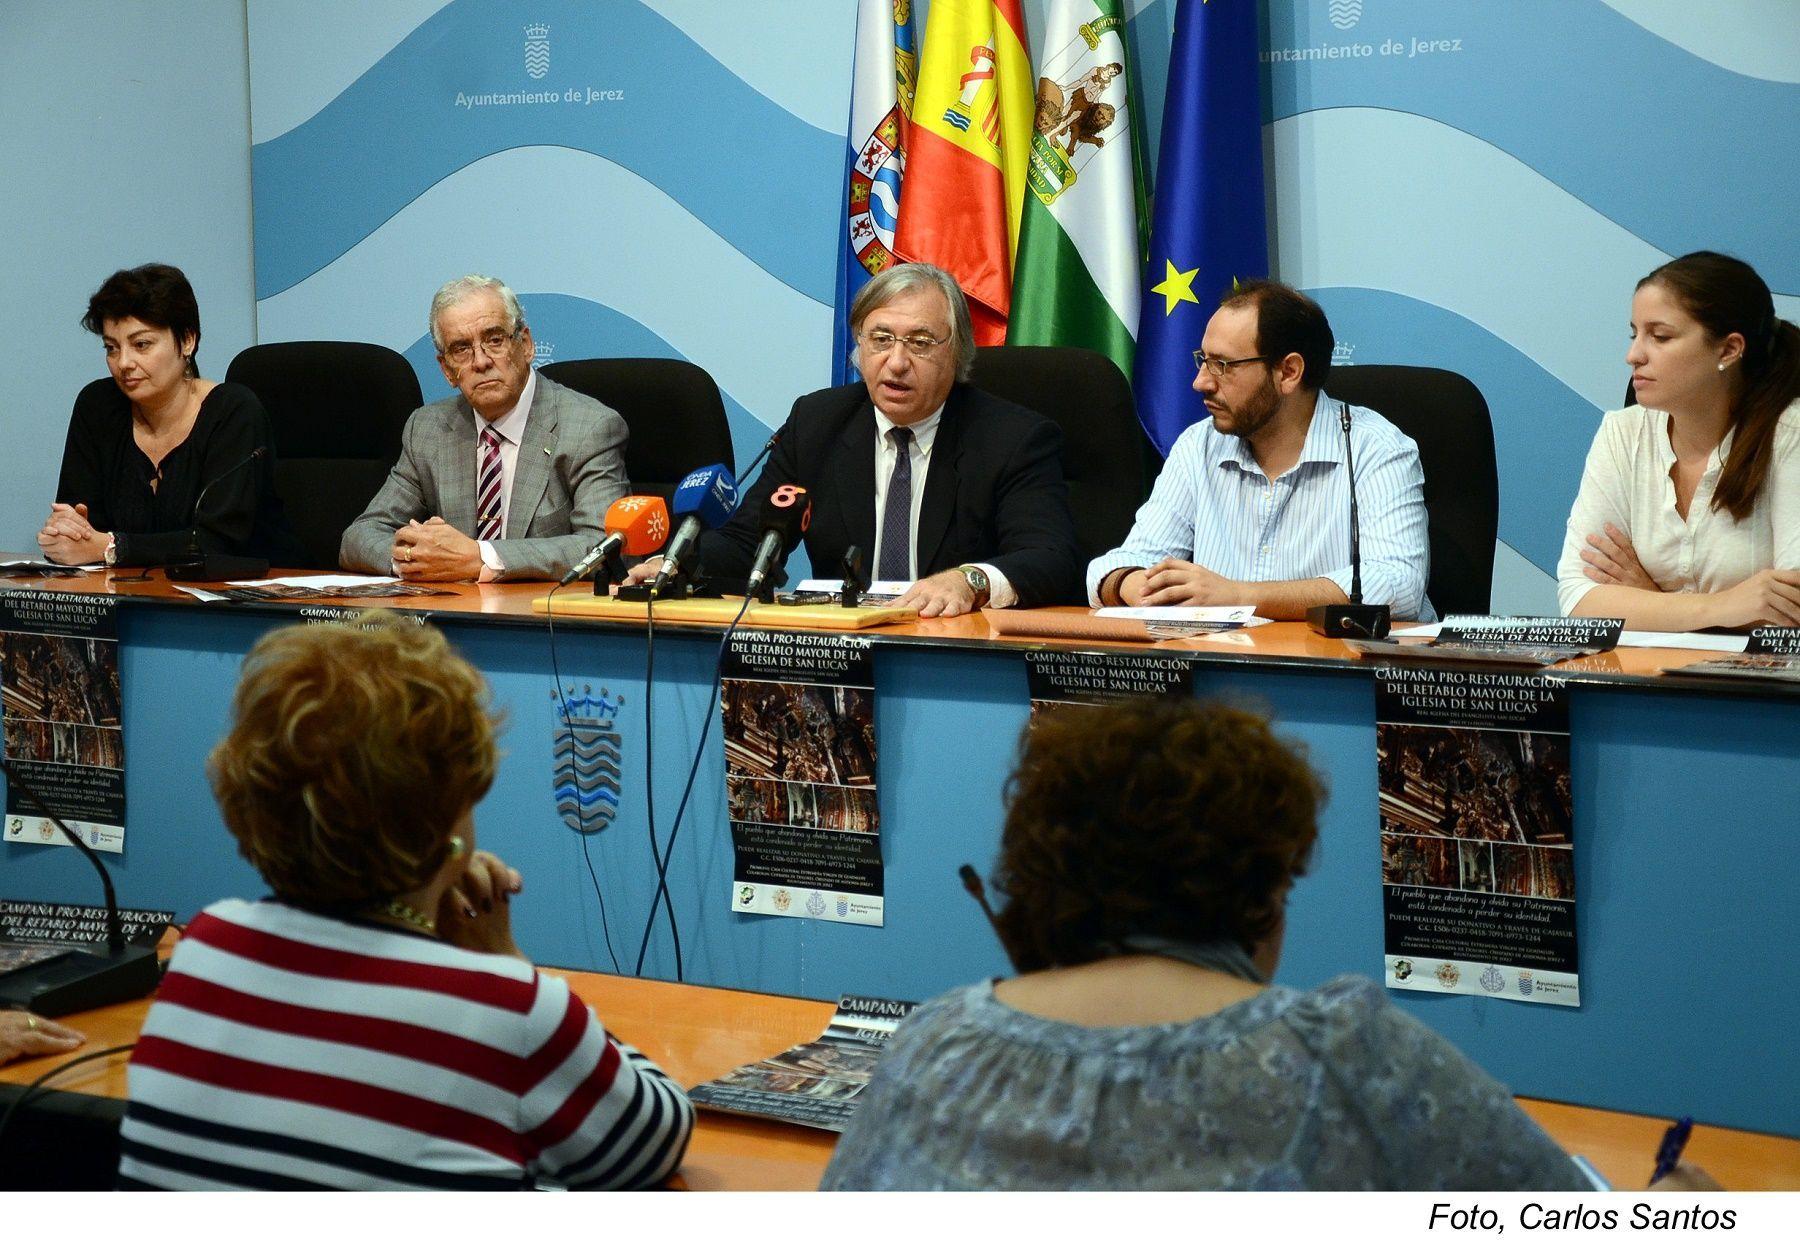 Paco Camas en rueda de prensa en el Ayuntamiento de Jerez junto a